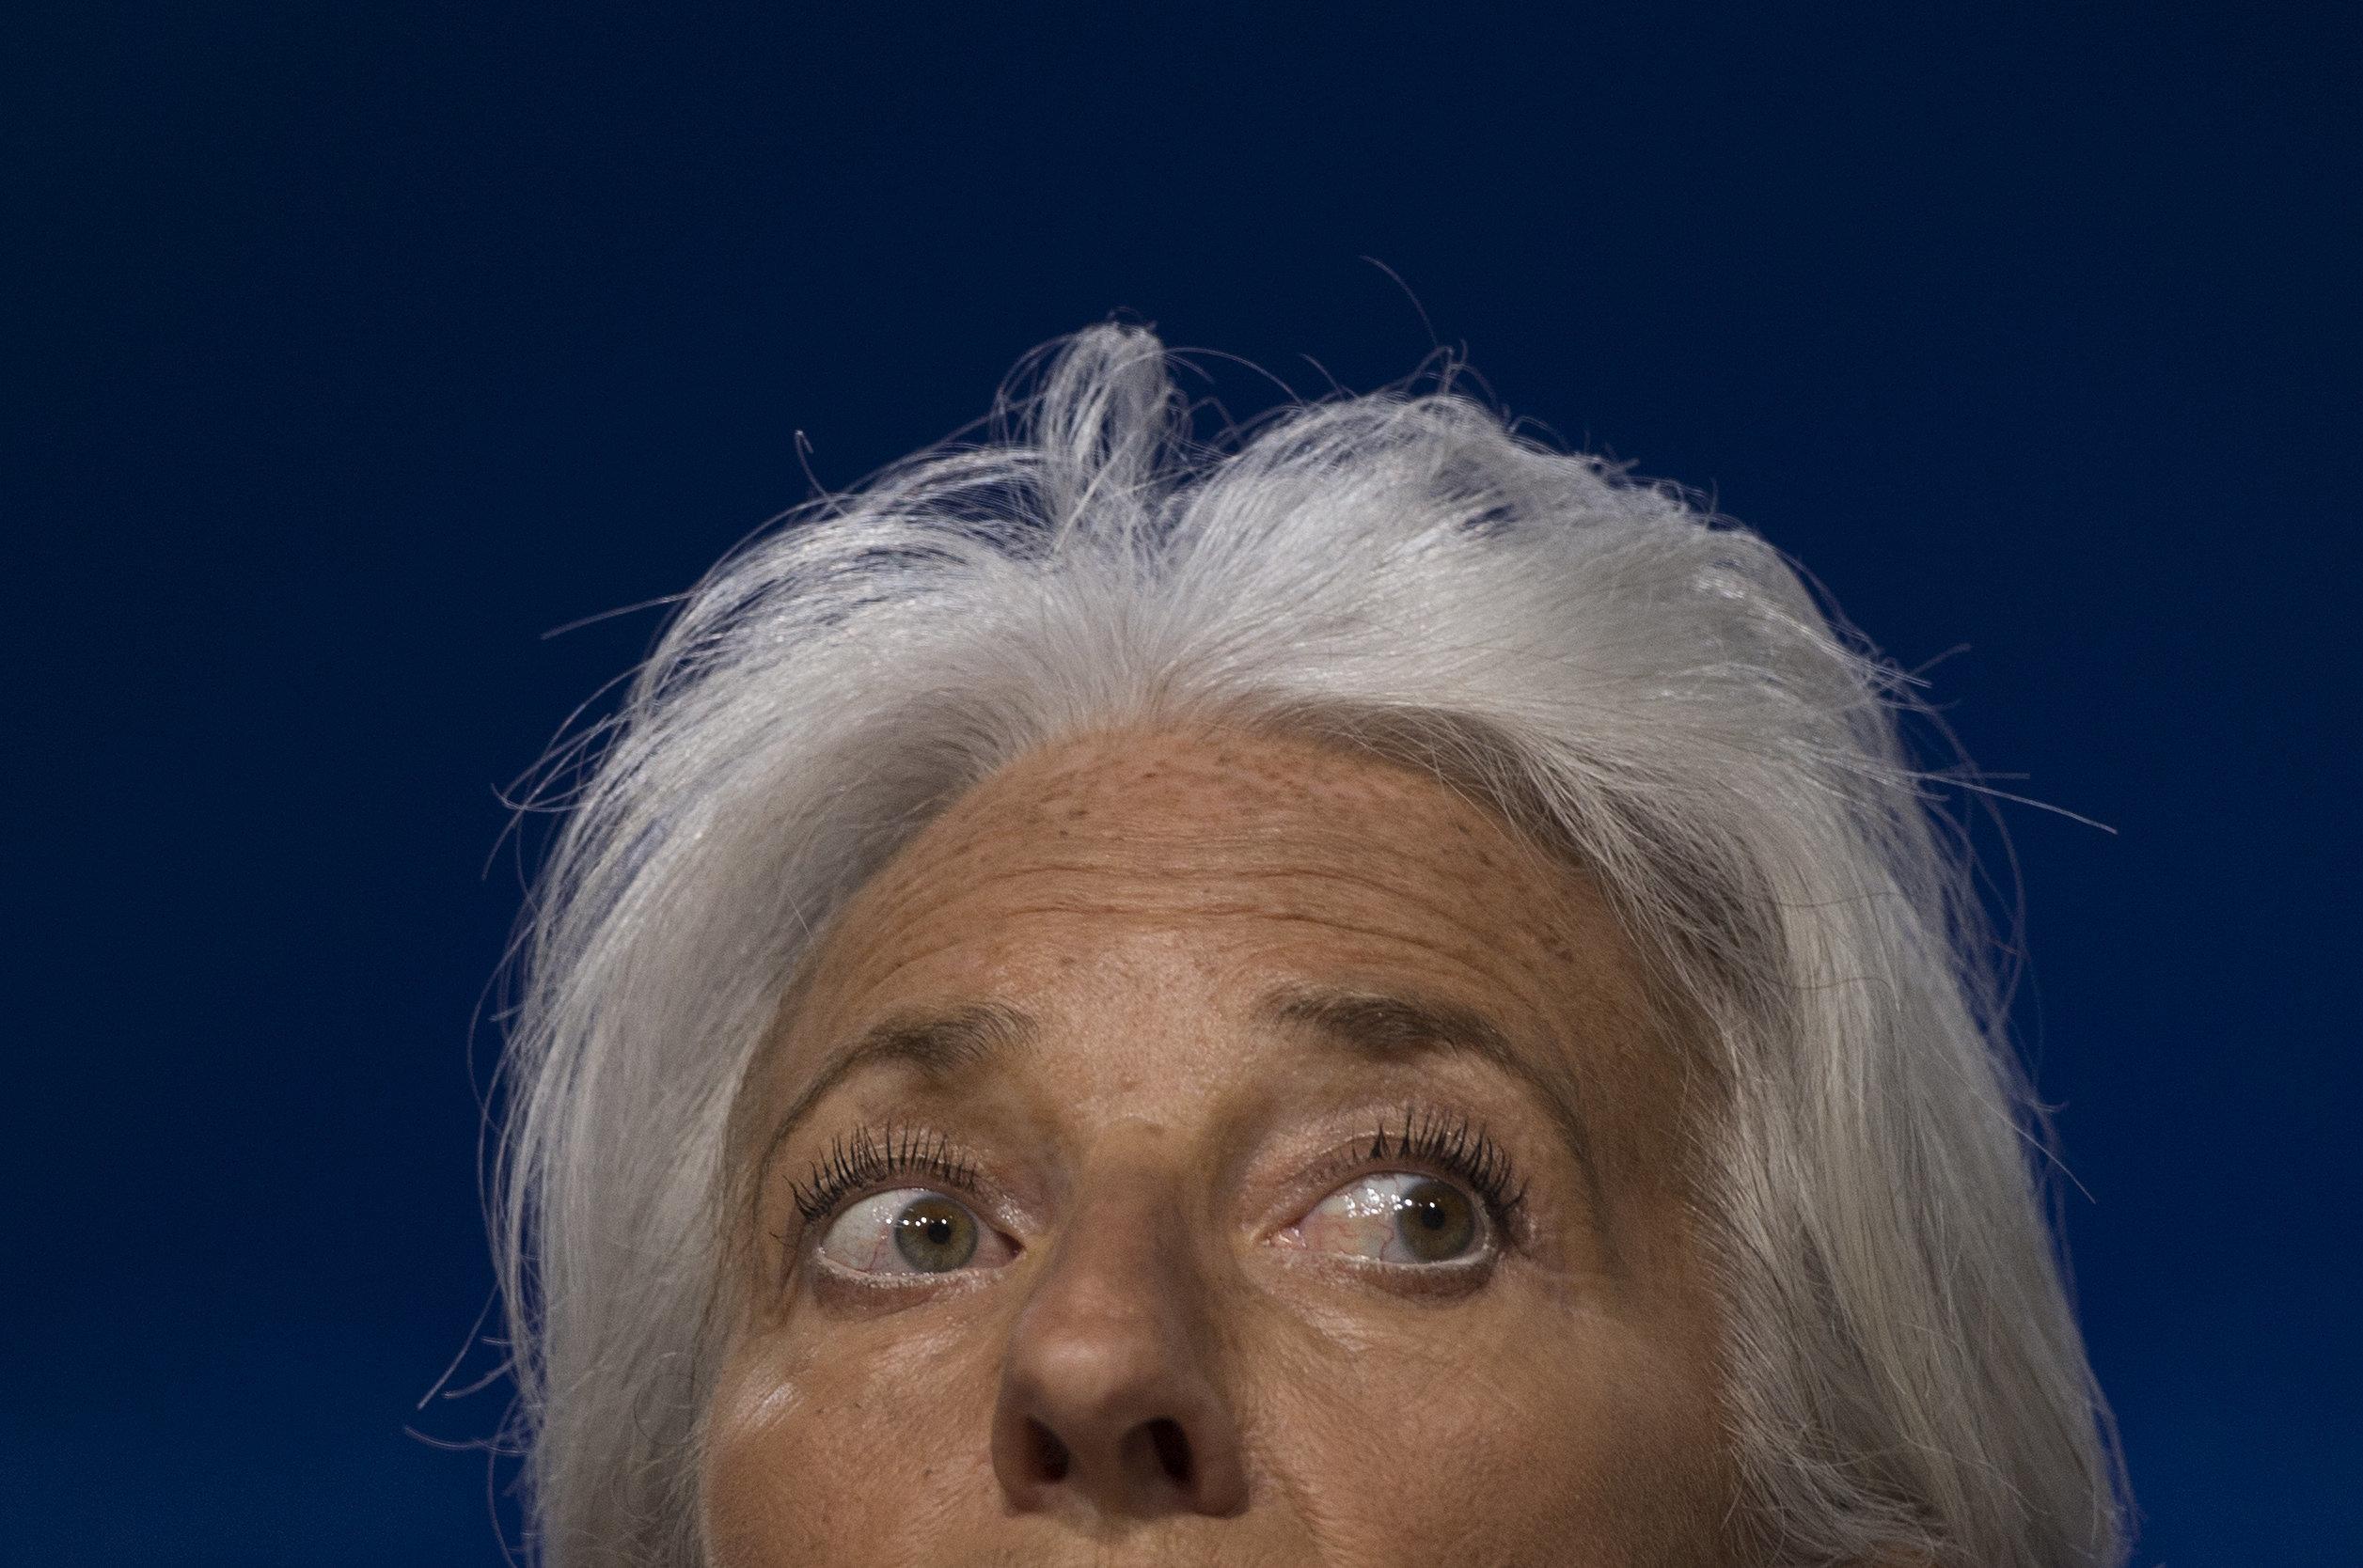 Επιμένει το ΔΝΤ για το χρέος. Θα χρειαστεί νέα ελάφρυνση από το 2038